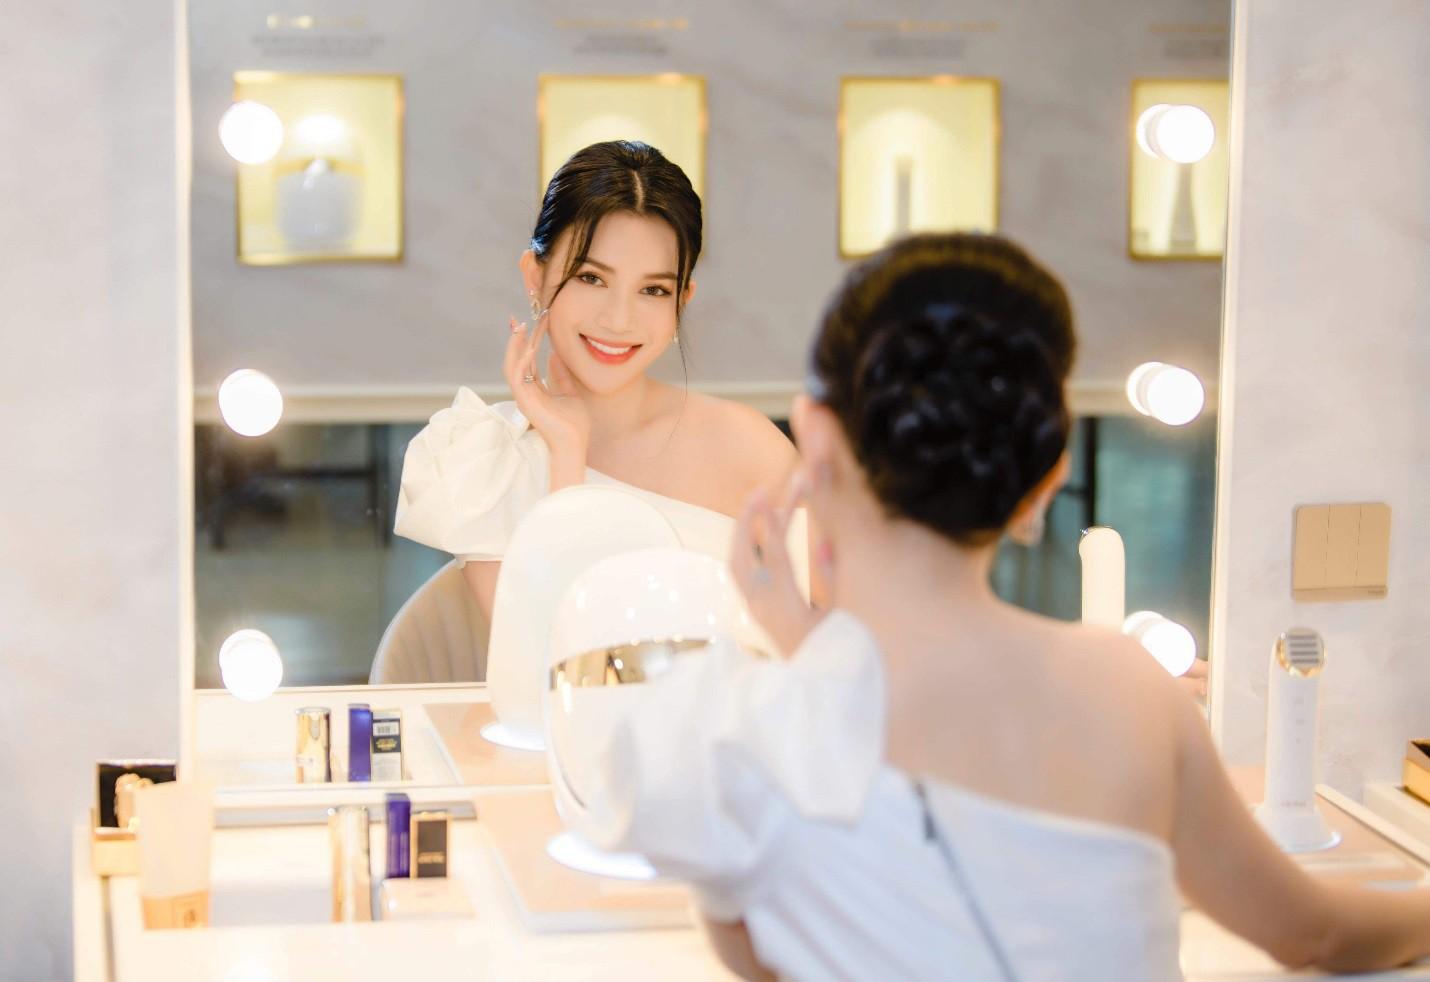 Hariwon, Helly Tống, Sĩ Thanh cùng dàn hoa hậu Việt hào hứng trải nghiệm dòng sản phẩm công nghệ làm đẹp độc đáo - Ảnh 6.